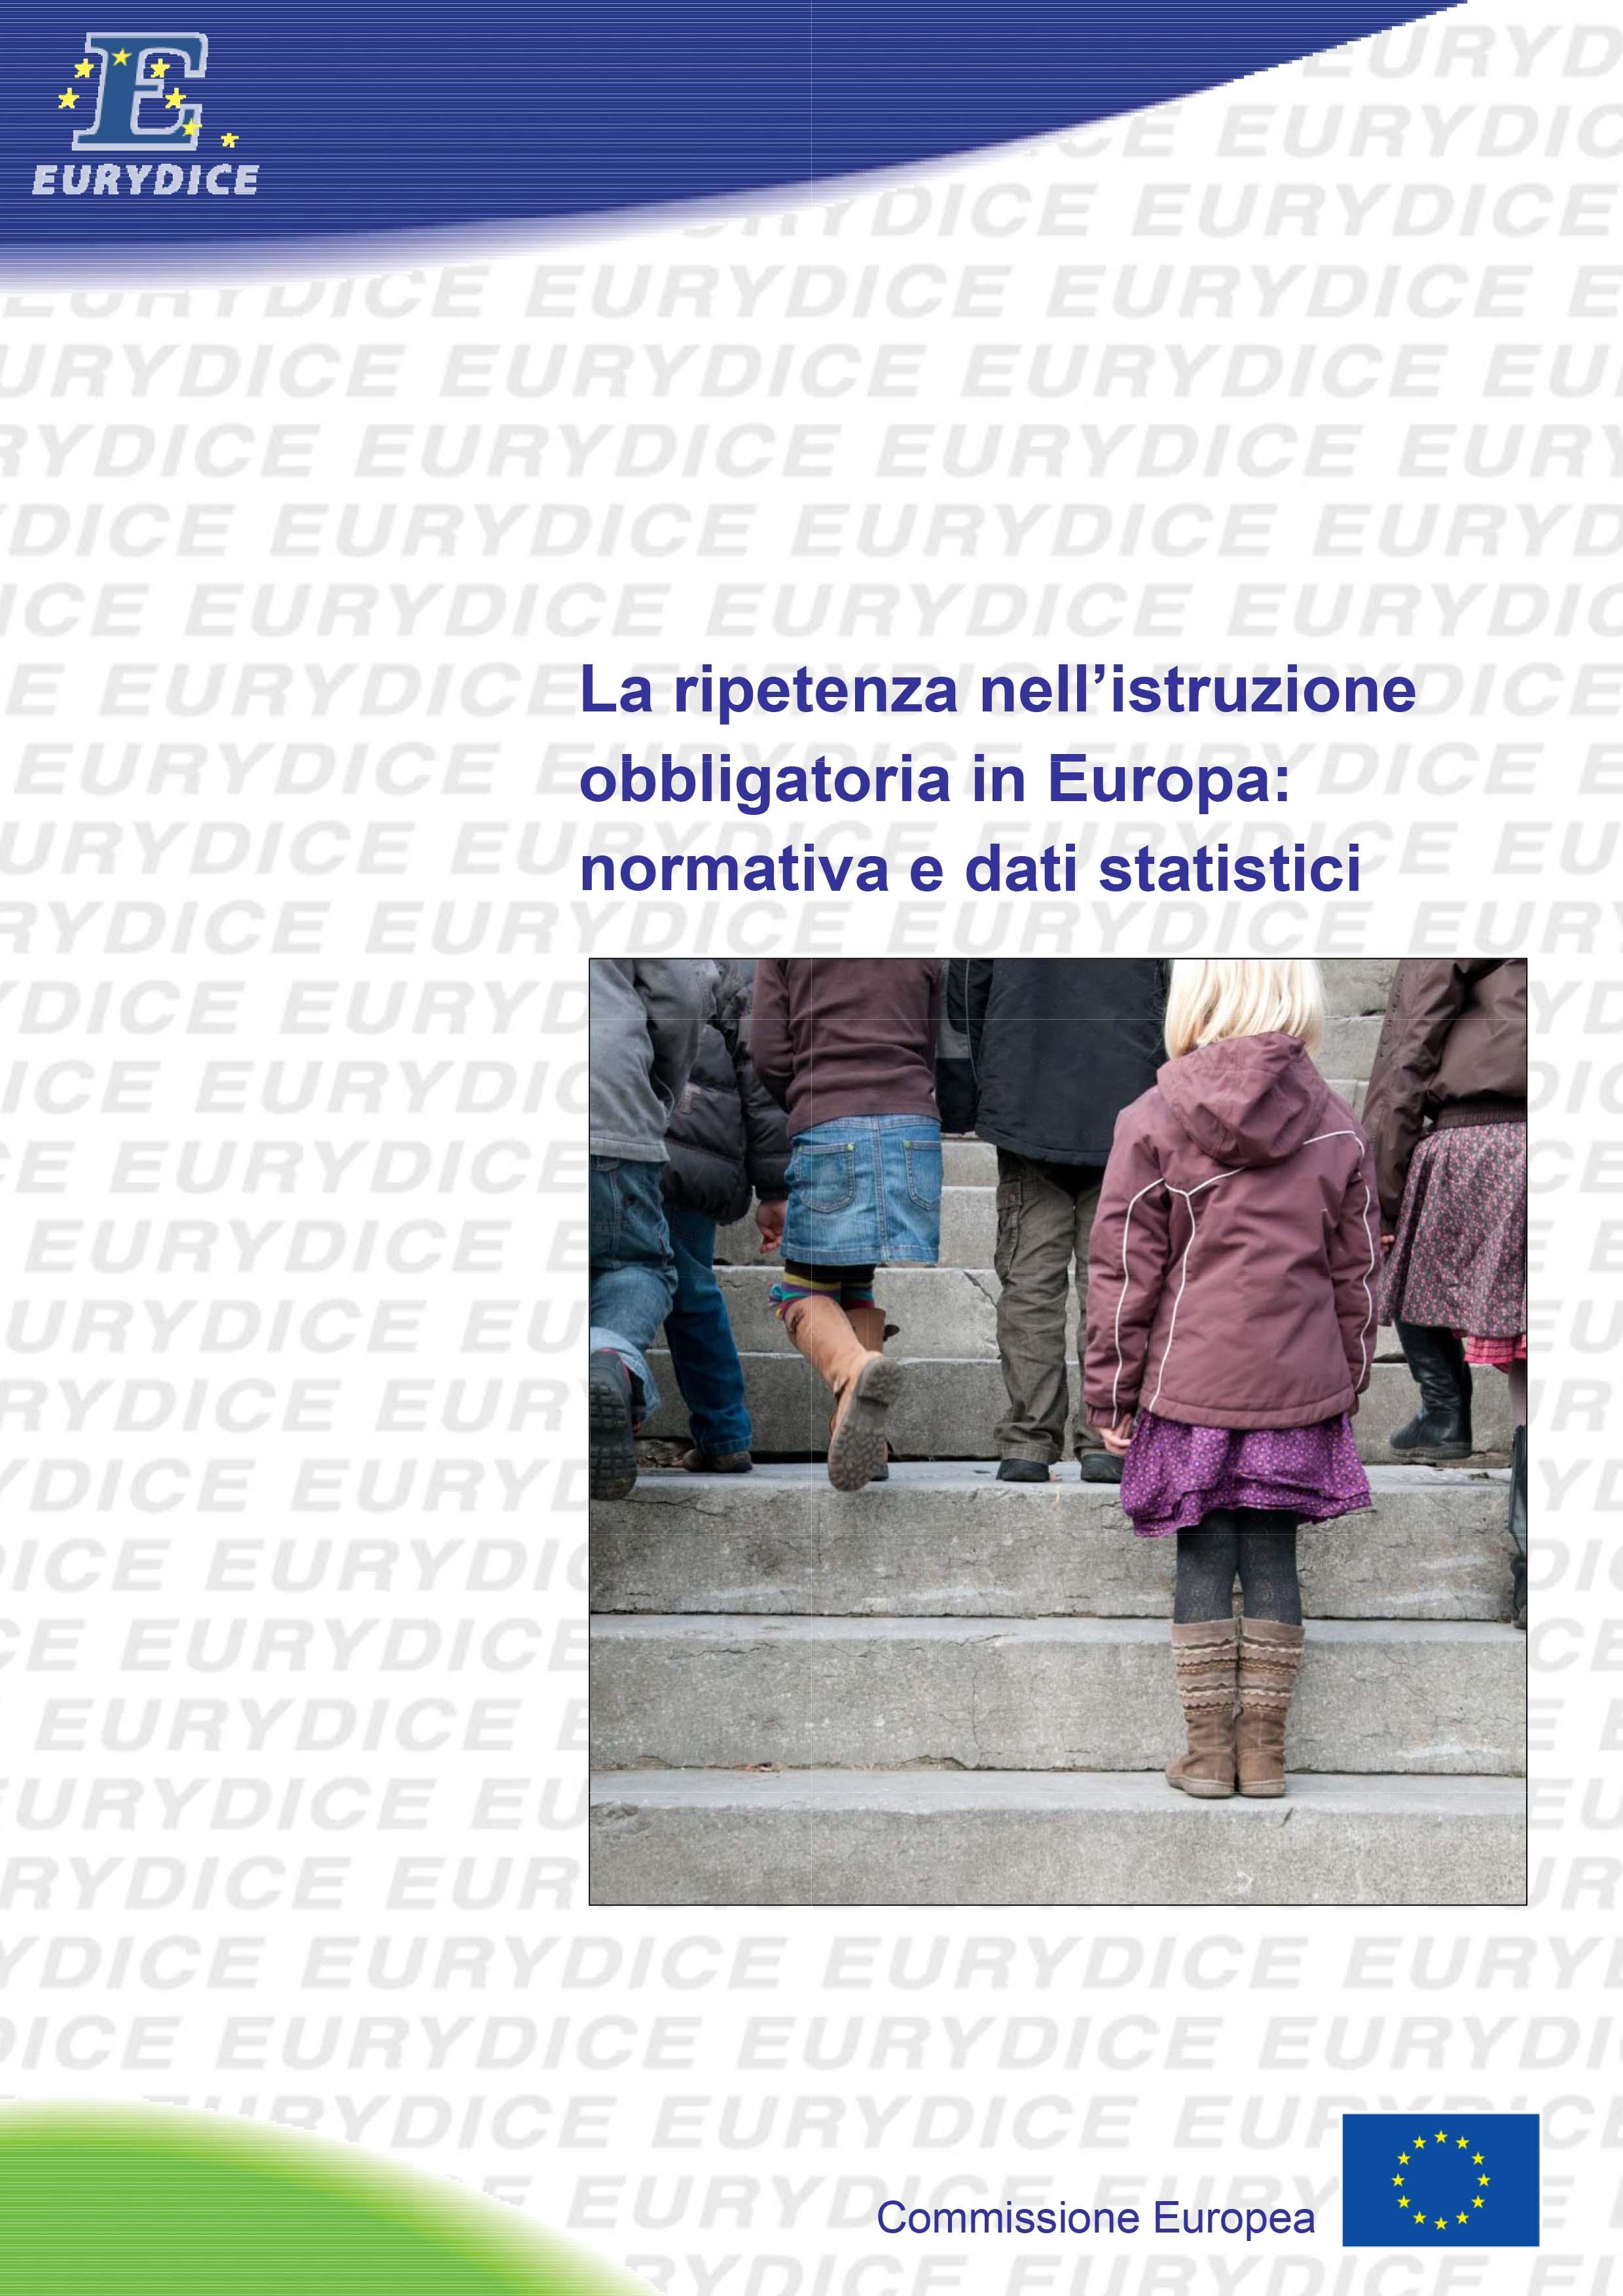 La ripetenza nell'istruzione obbligatoria in Europa: normativa